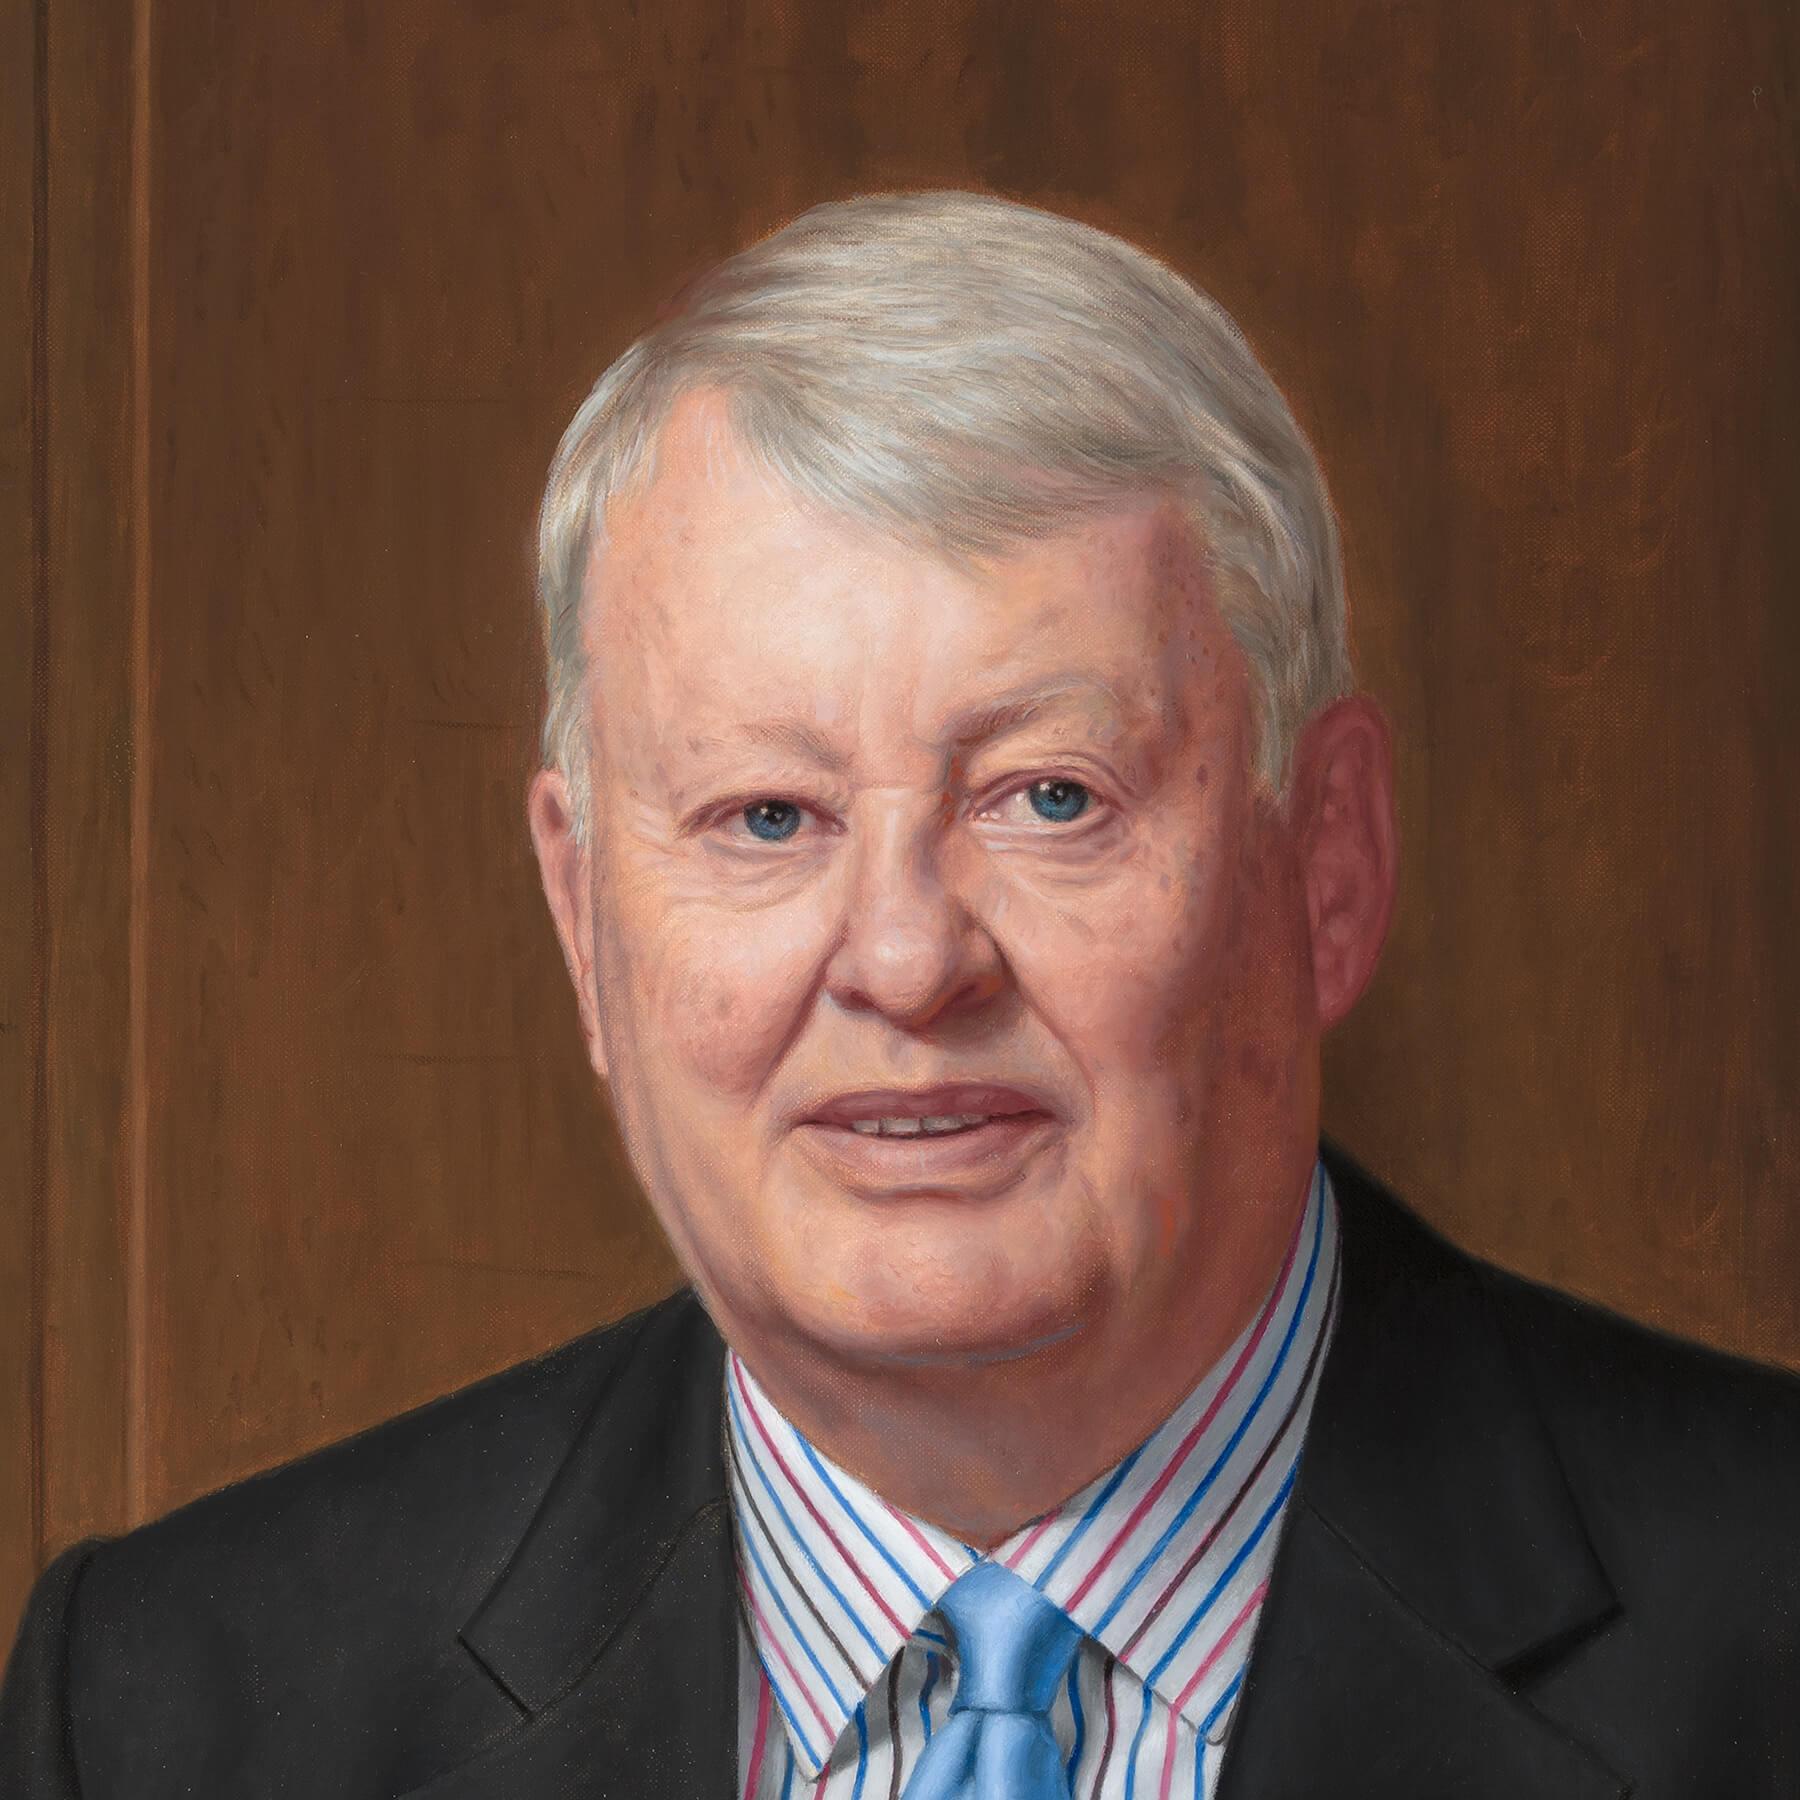 Custom oil portrait; businessman's face detail